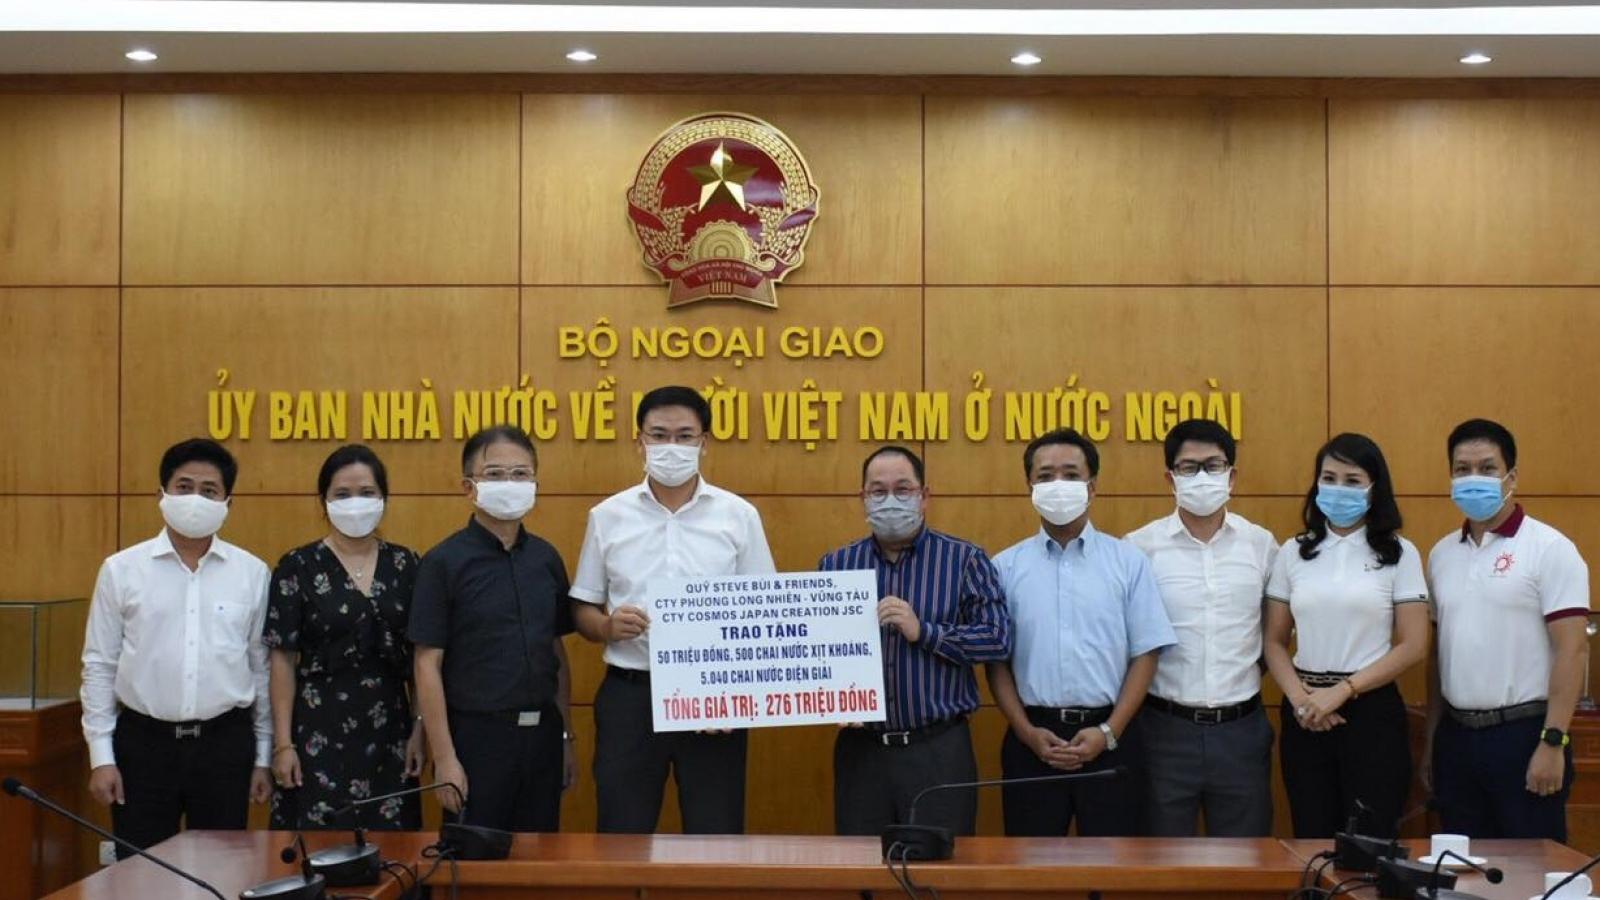 Doanh nghiệp kiều bào Việt Nam quyên góp tiền và hiện vật cho cuộc chiến chống Covid-19